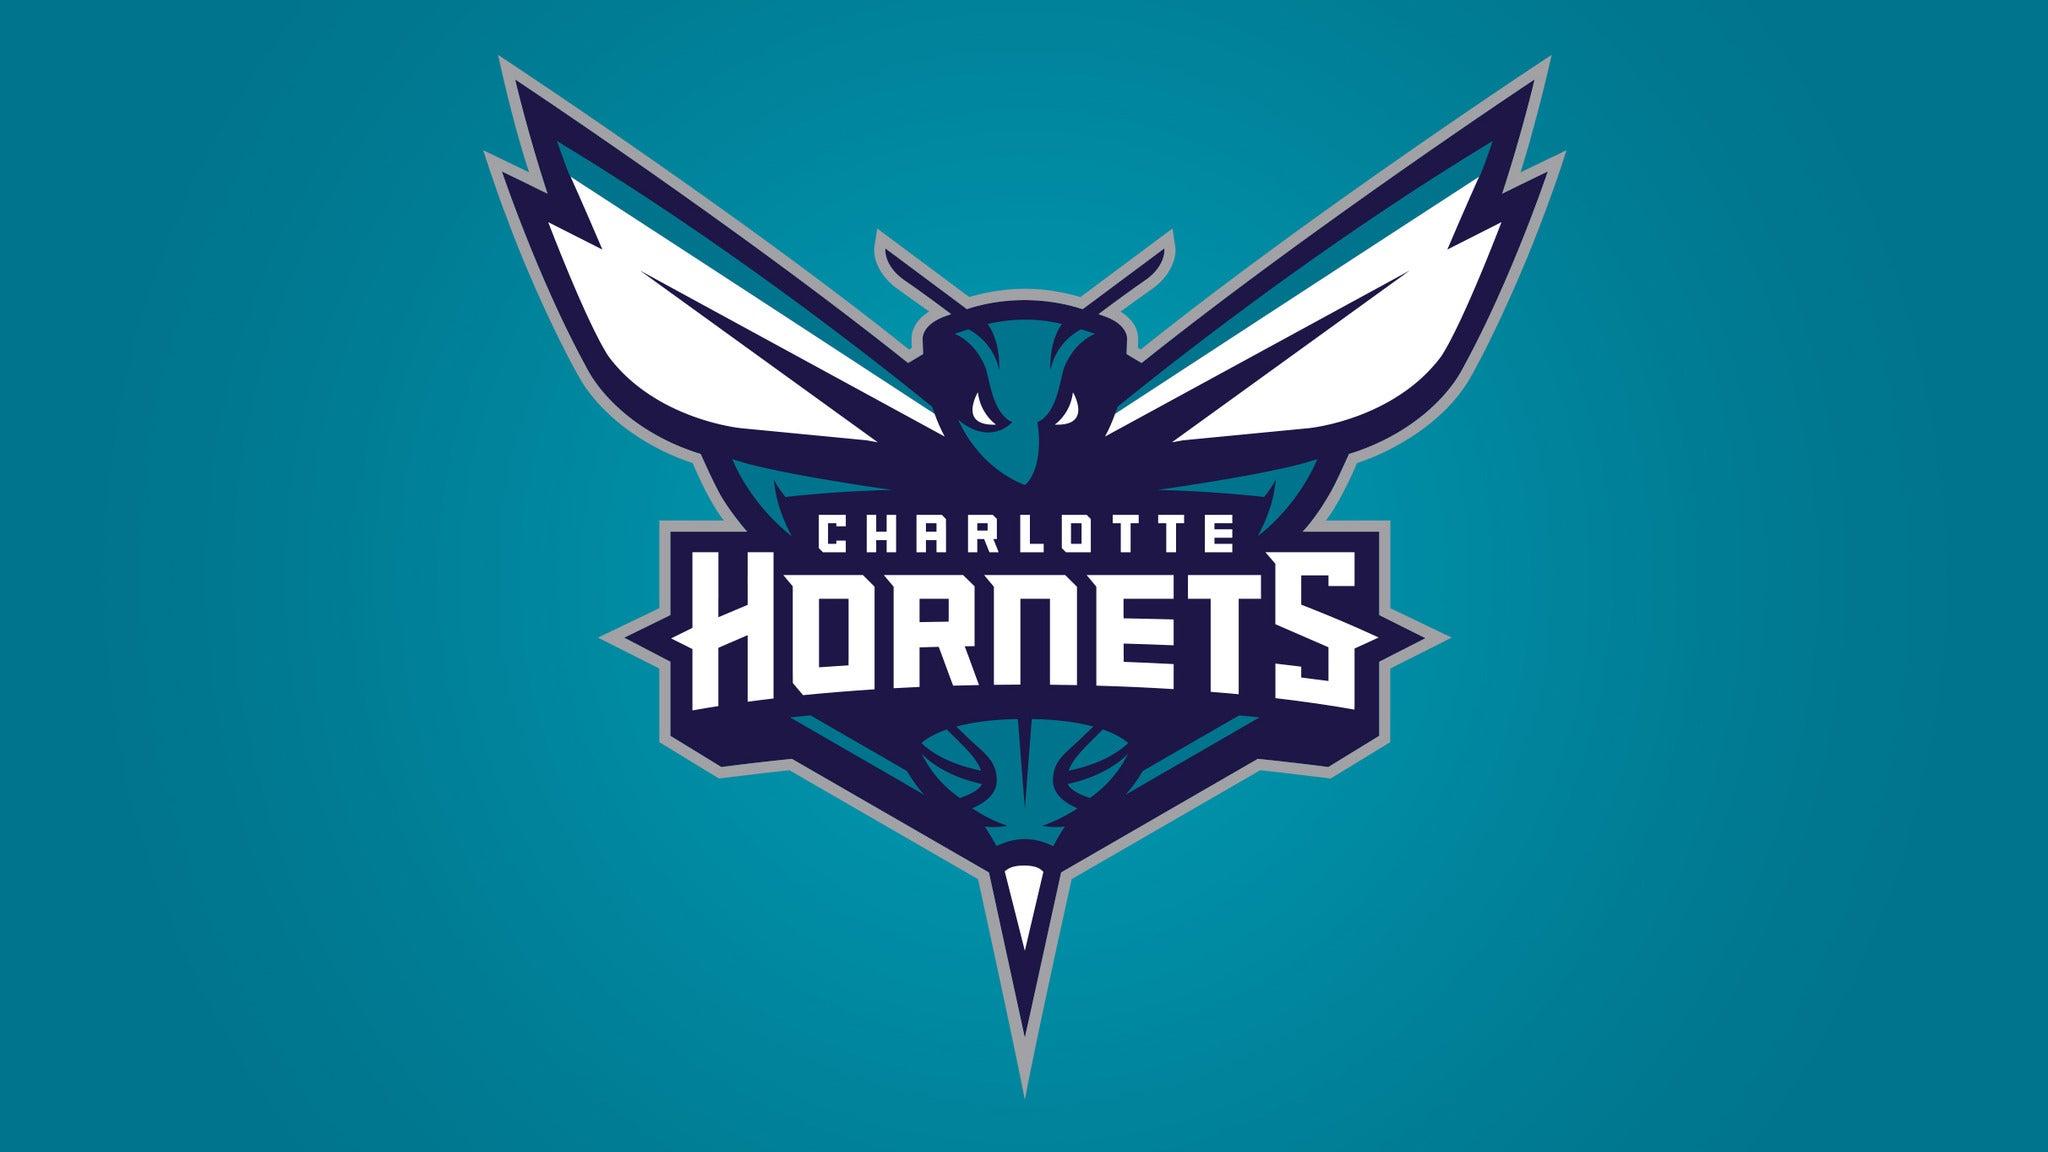 Il logo degli Hornets